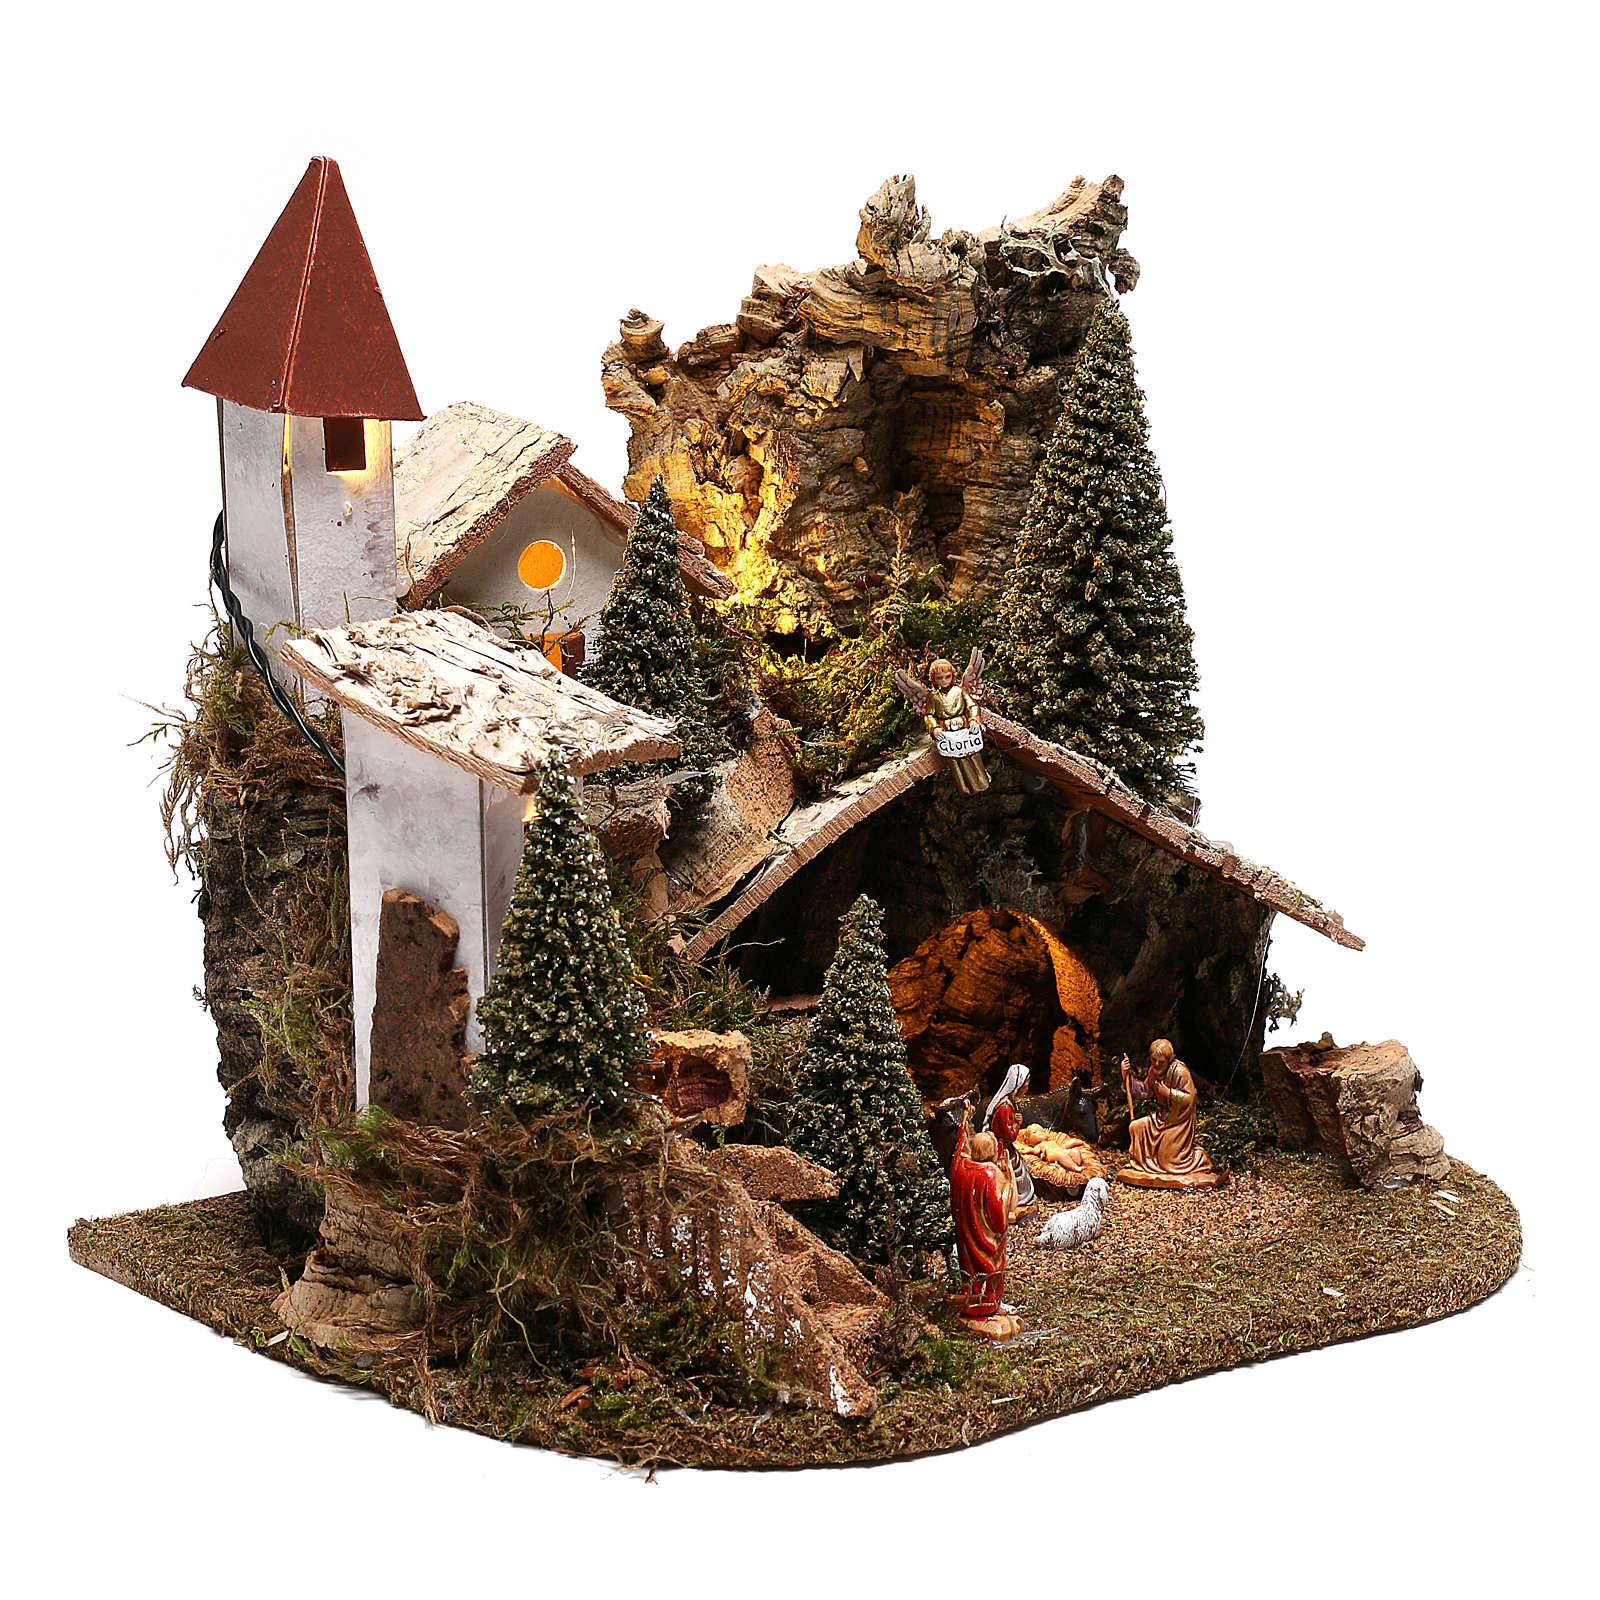 Villaggio con natività 20x25x20 cm ambientazione presepe 3-4 cm 4